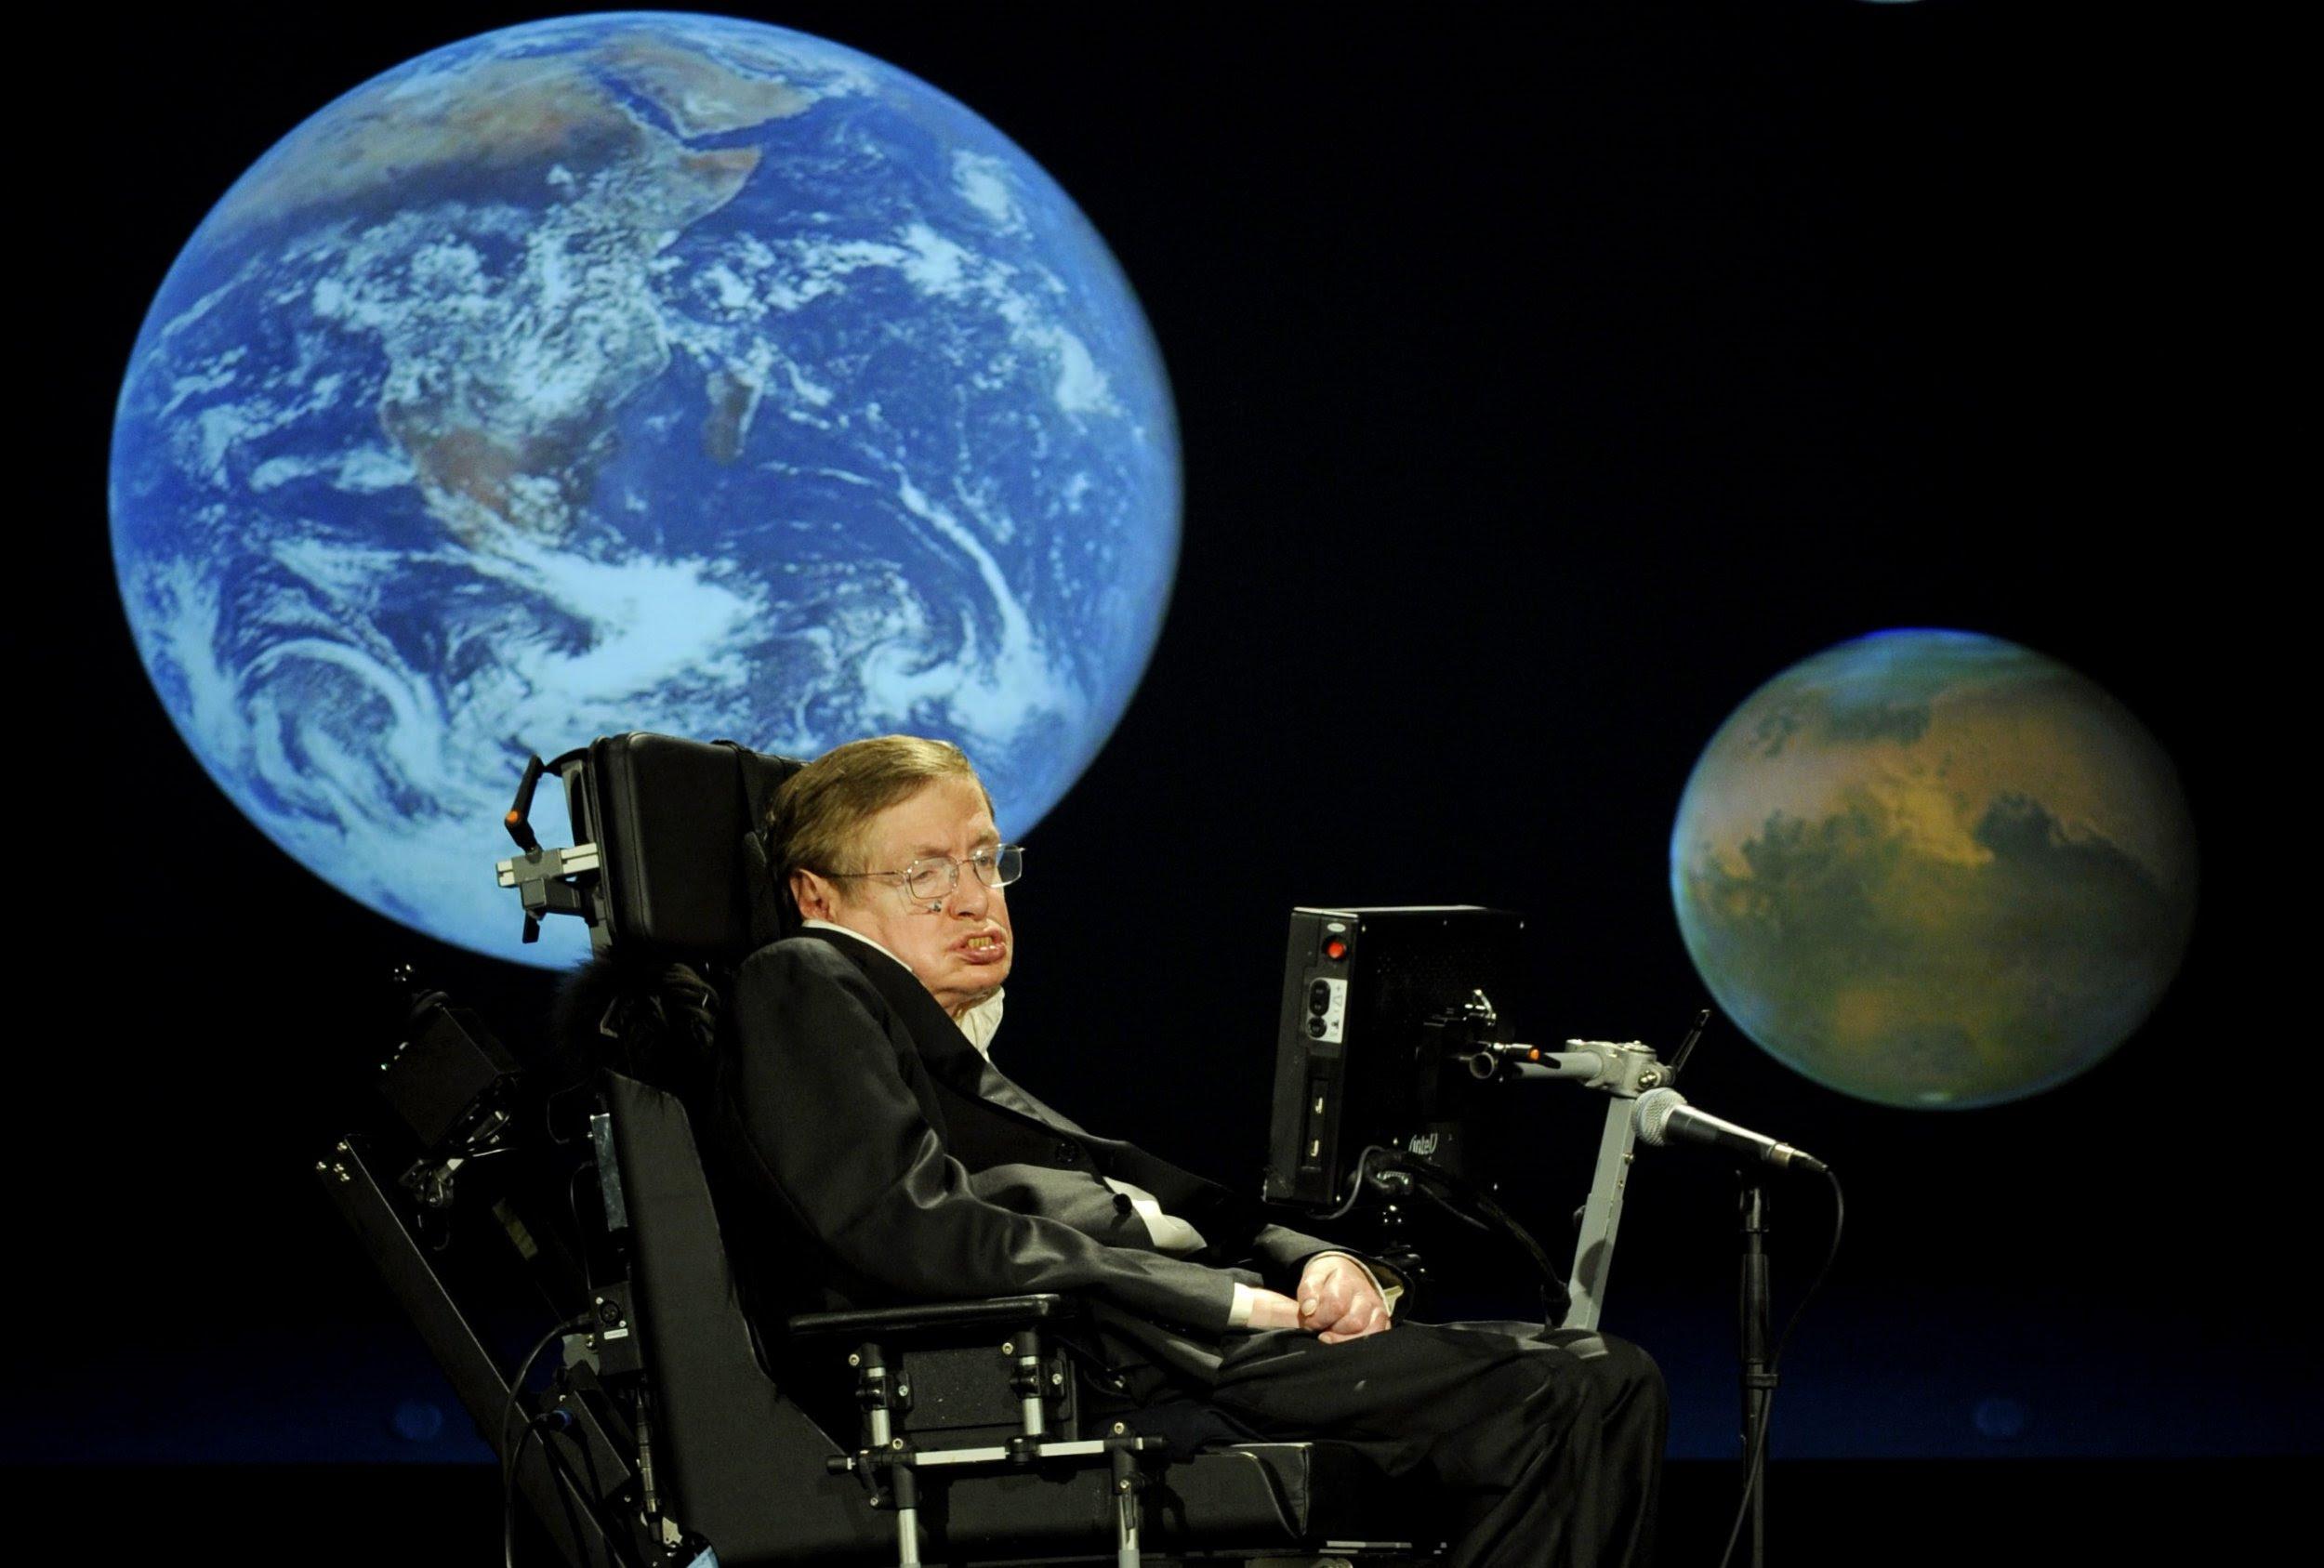 Risultati immagini per Stephen Hawking UFO